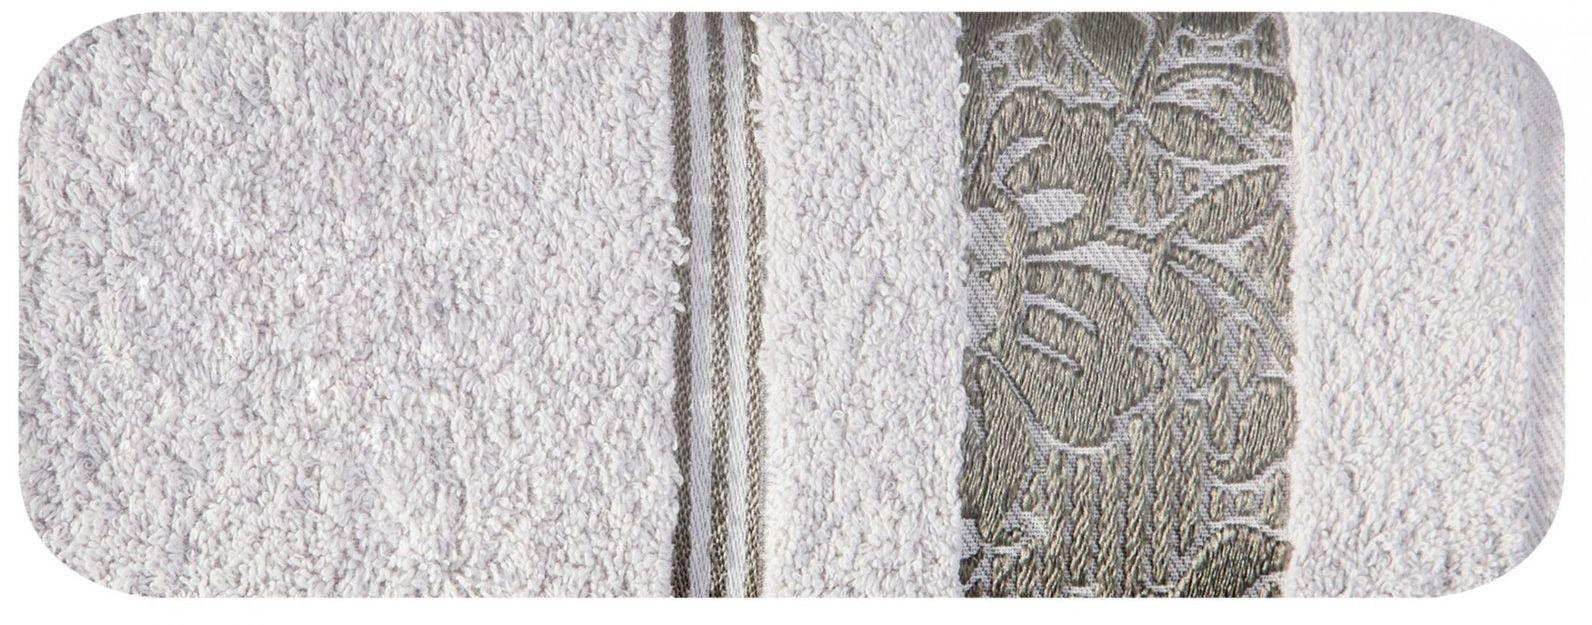 Ręcznik Kąpielowy Eurofirany Sylwia 04 500 g/m2 Srebrny 50x90